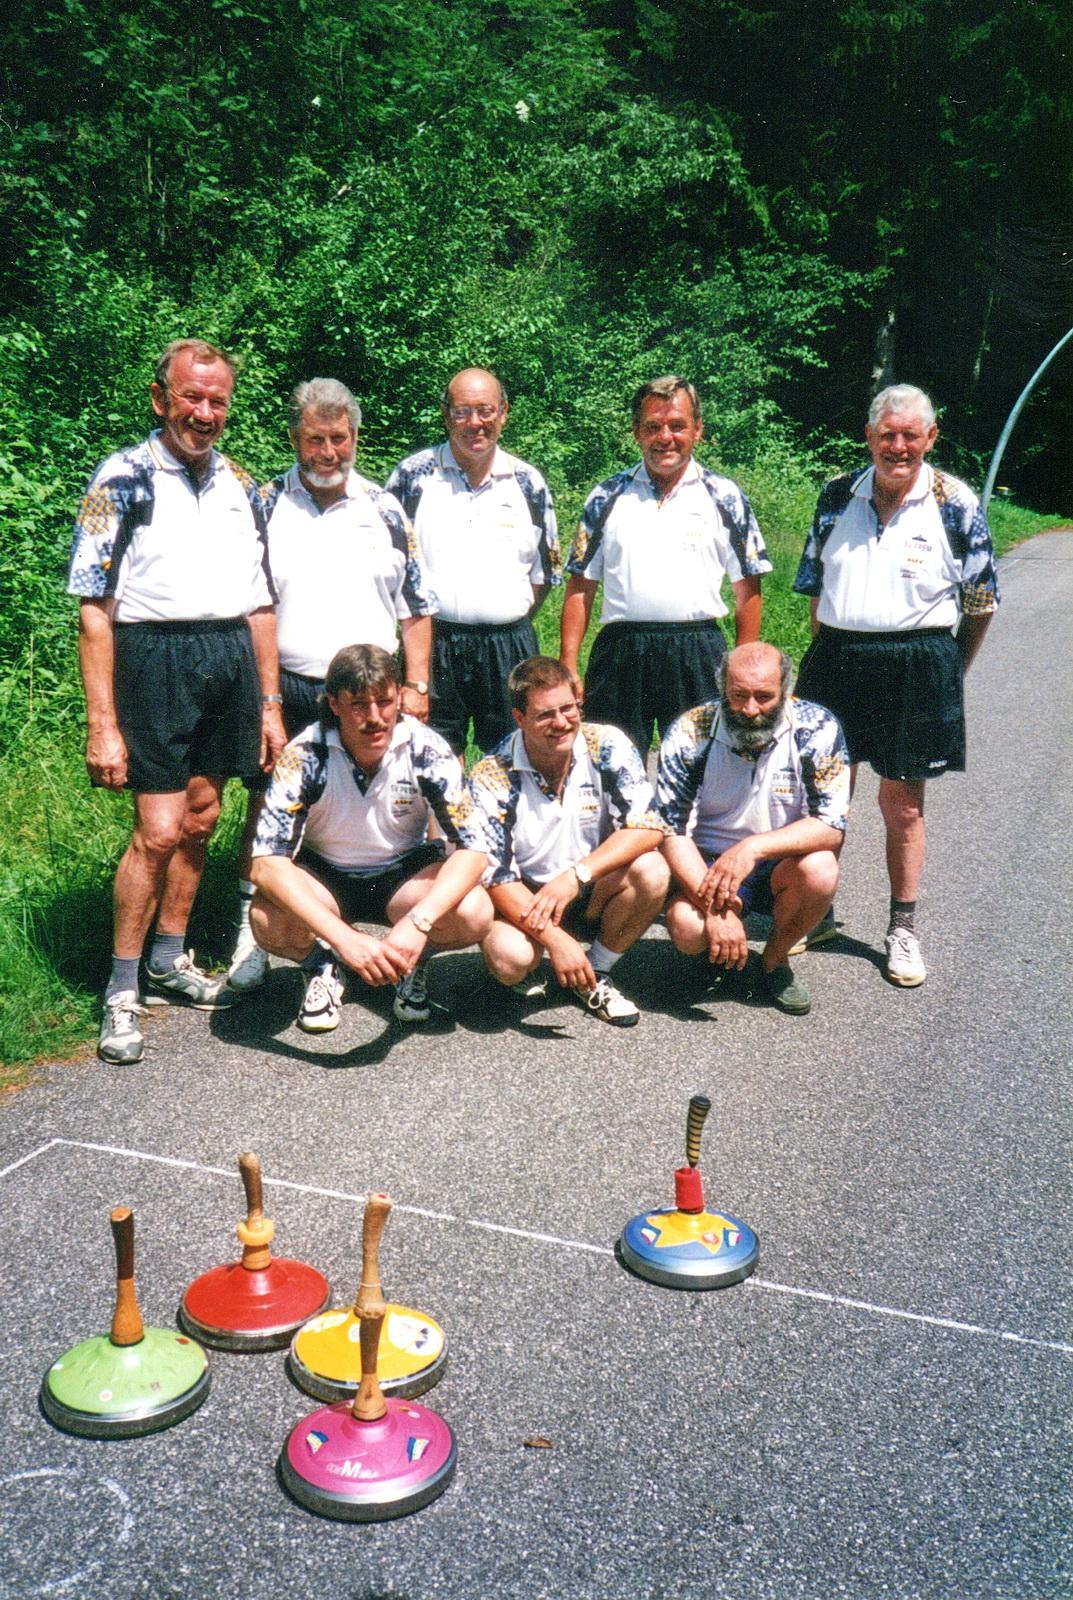 Stehend von links: Hartl Büchl, Manfred Ott, Adi Müller, Leo Steiner, Hans Lang<br/>Knieend von links: Richard Seelos, Martin Schenk, Xaver Müller